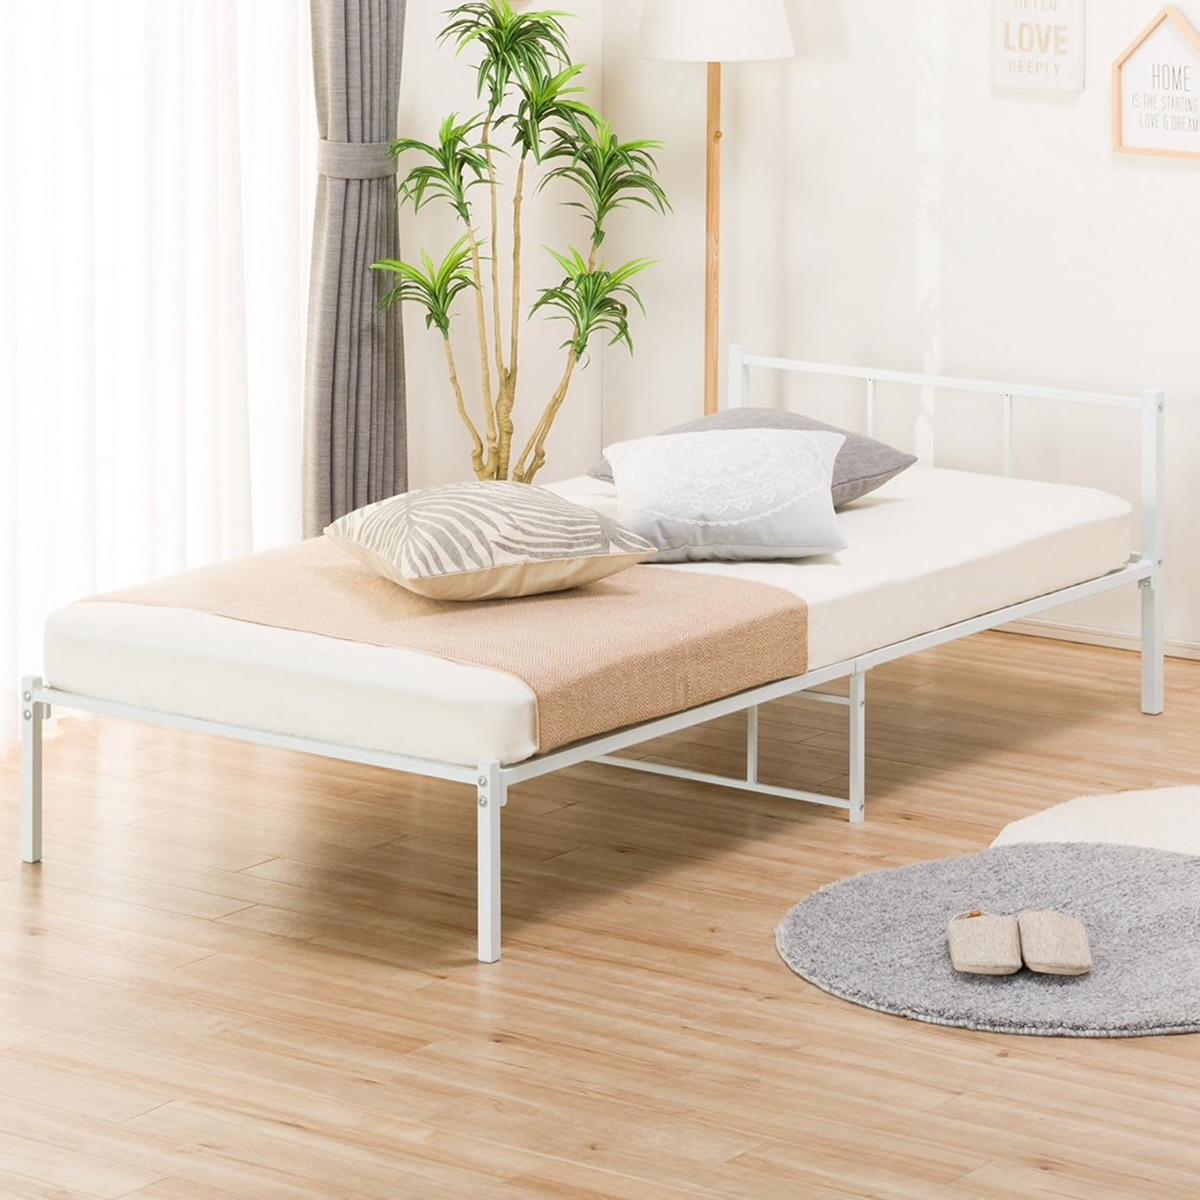 一人暮らし向けのベッドおすすめ19選!ロフトベッドも